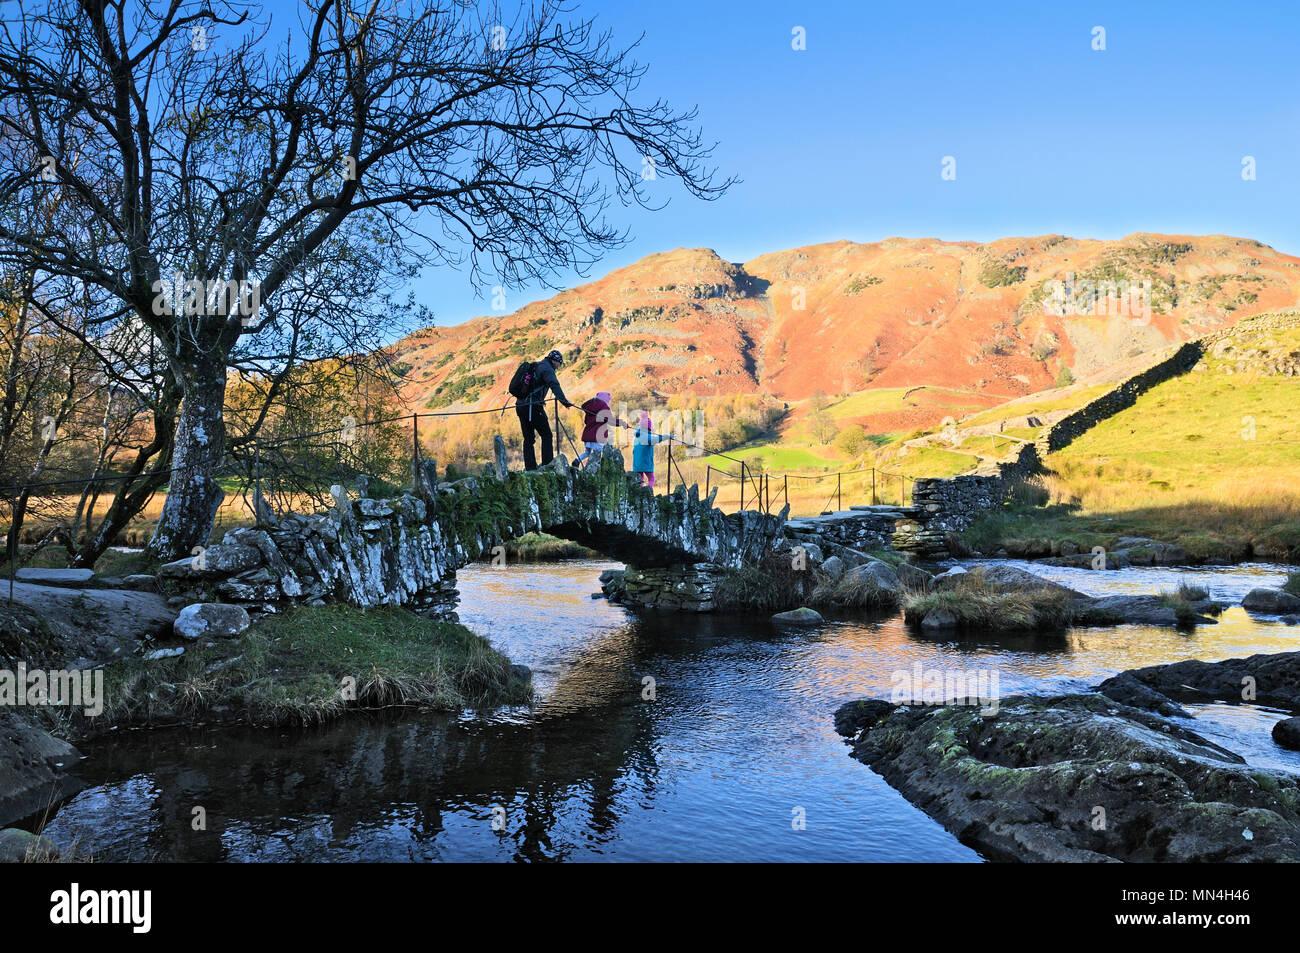 Le père et les enfants marcher sur Slater pont traversant la rivière Brathay sur fond de Lingmoor tomba, Little Langdale, Lake District, UK Photo Stock